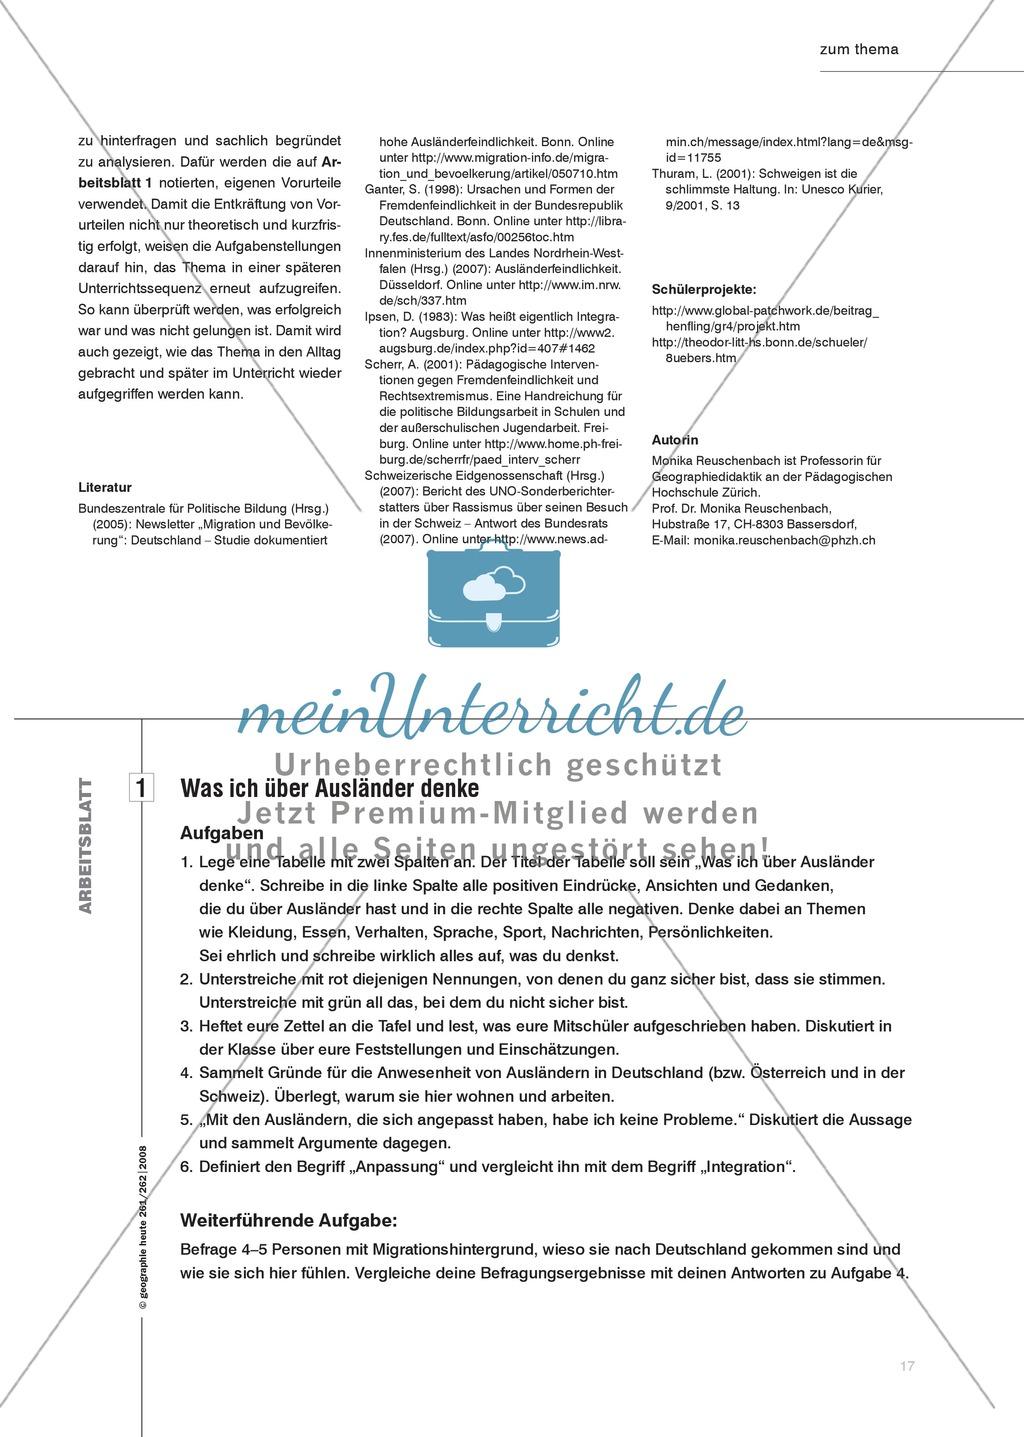 Fremdenfeindlichkeit: Vorurteile kritisch hinterfragen Preview 3